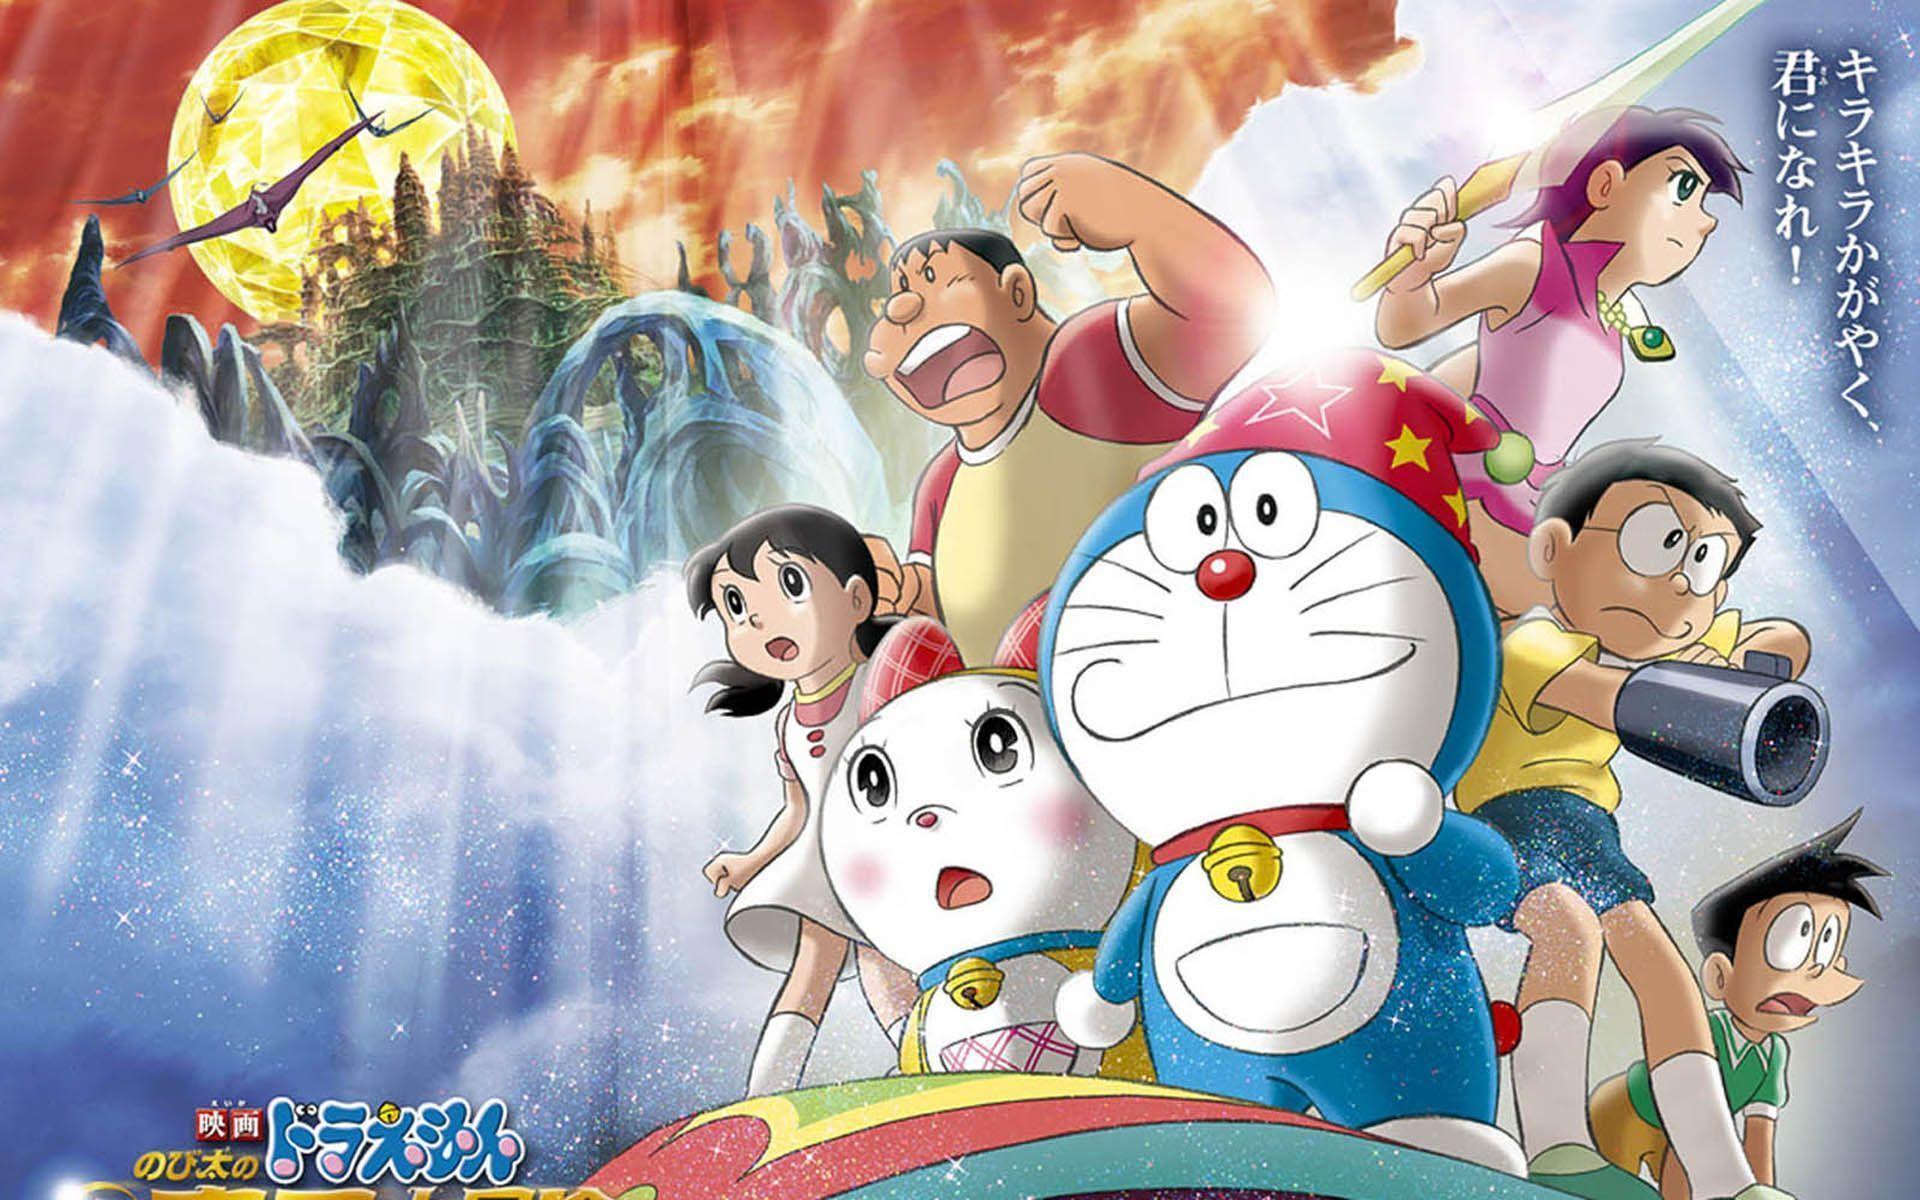 Download Kumpulan Koleksi Wallpaper Doraemon Di Hp Gambar HD Terbaik